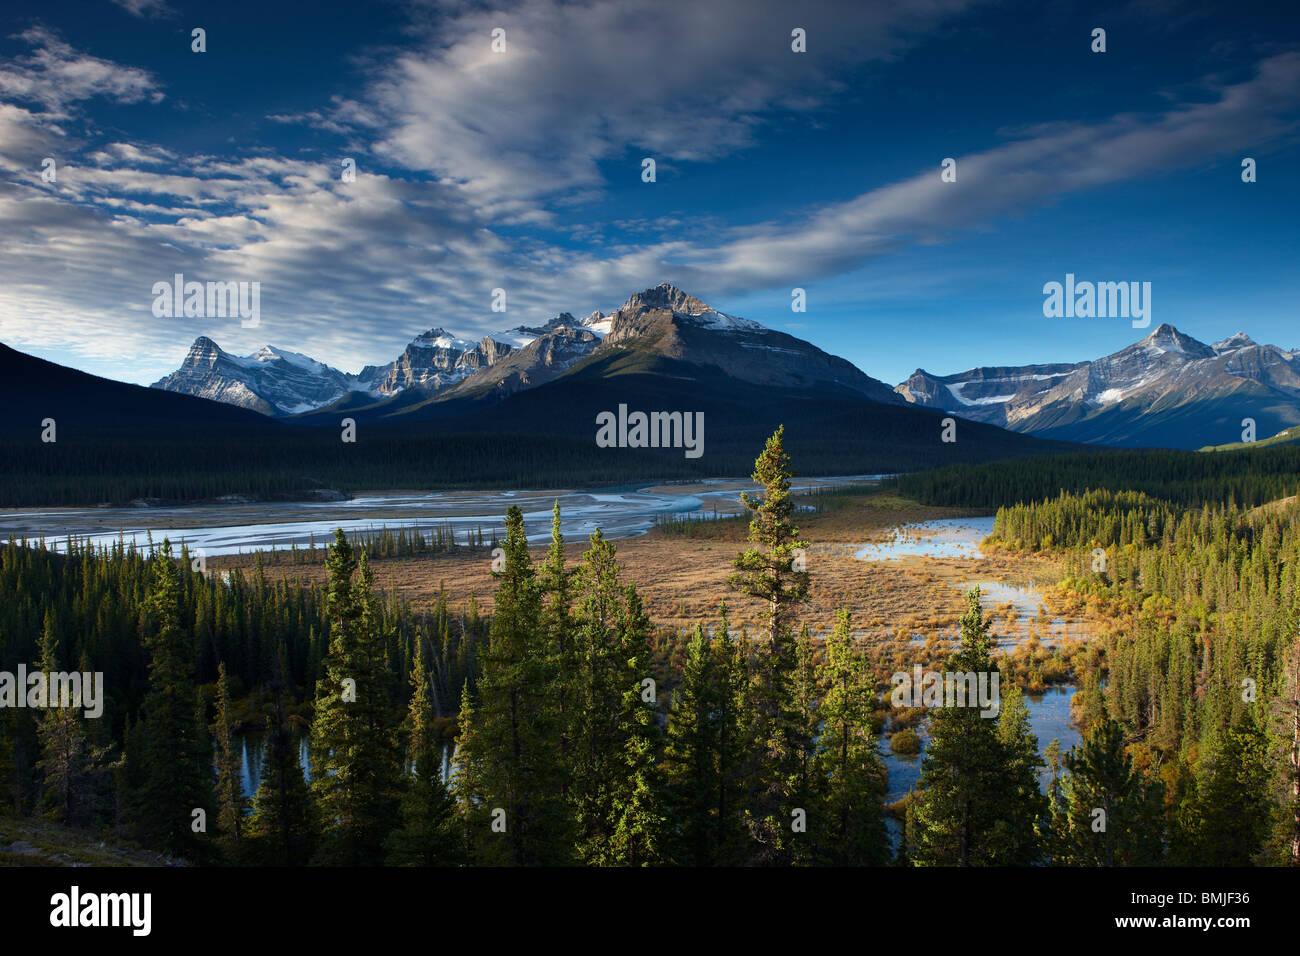 Il fiume Howse e Waputik montagne, Saskatchewan attraversando il Parco Nazionale di Banff, Alberta, Canada Immagini Stock